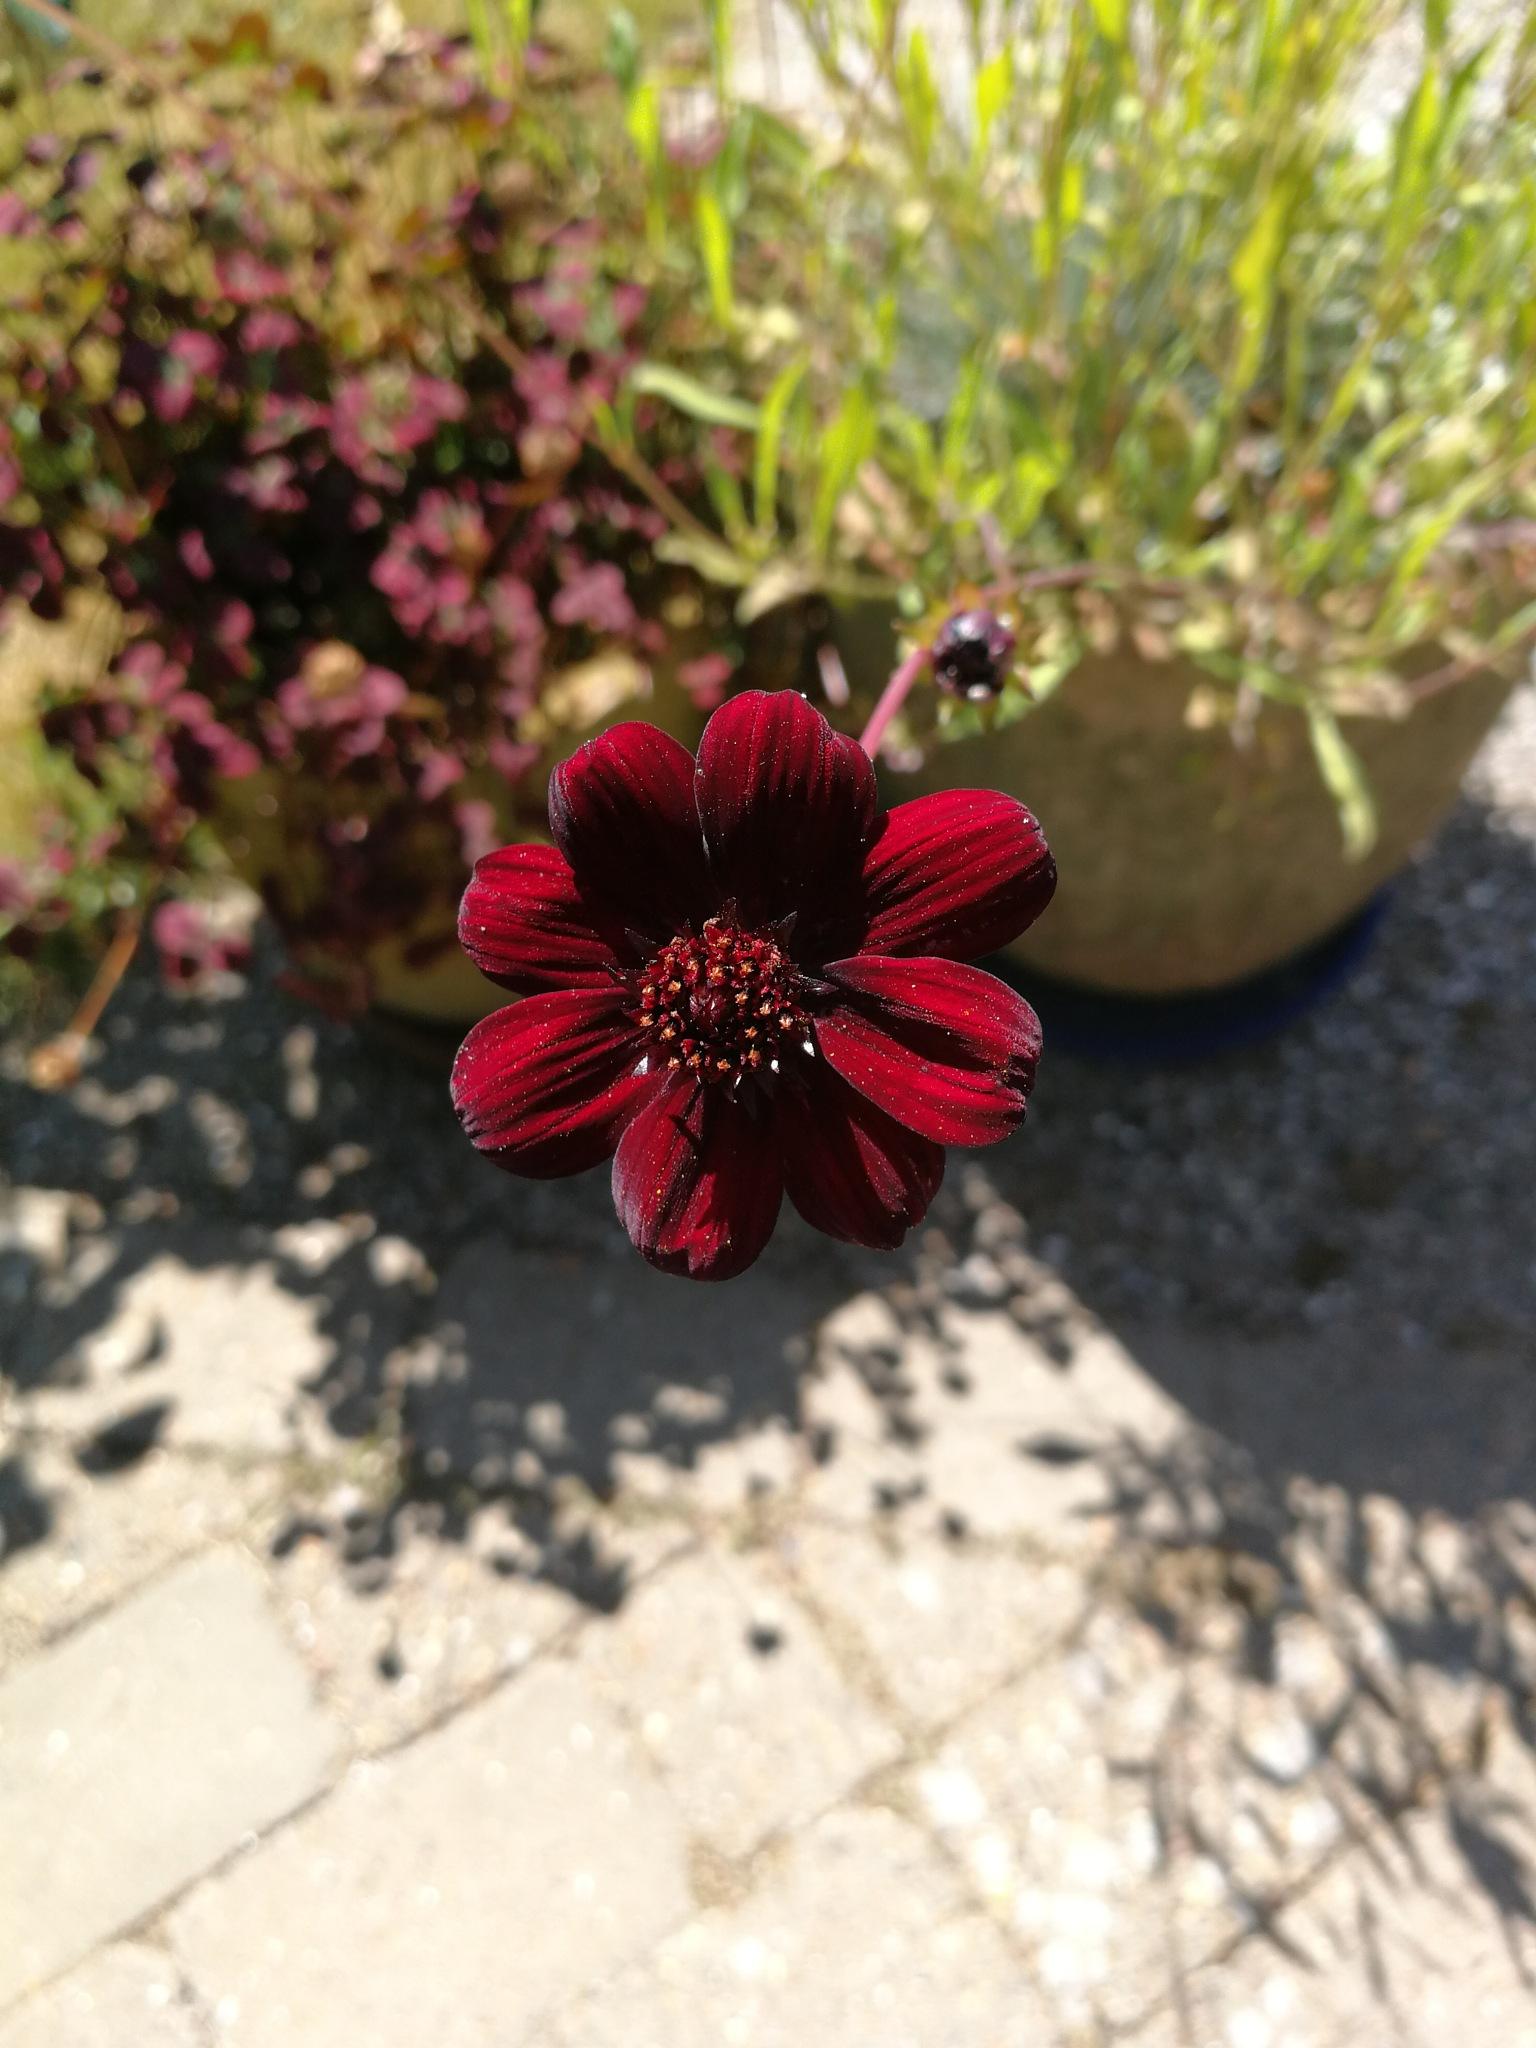 garden flower  by karlerik.straarup